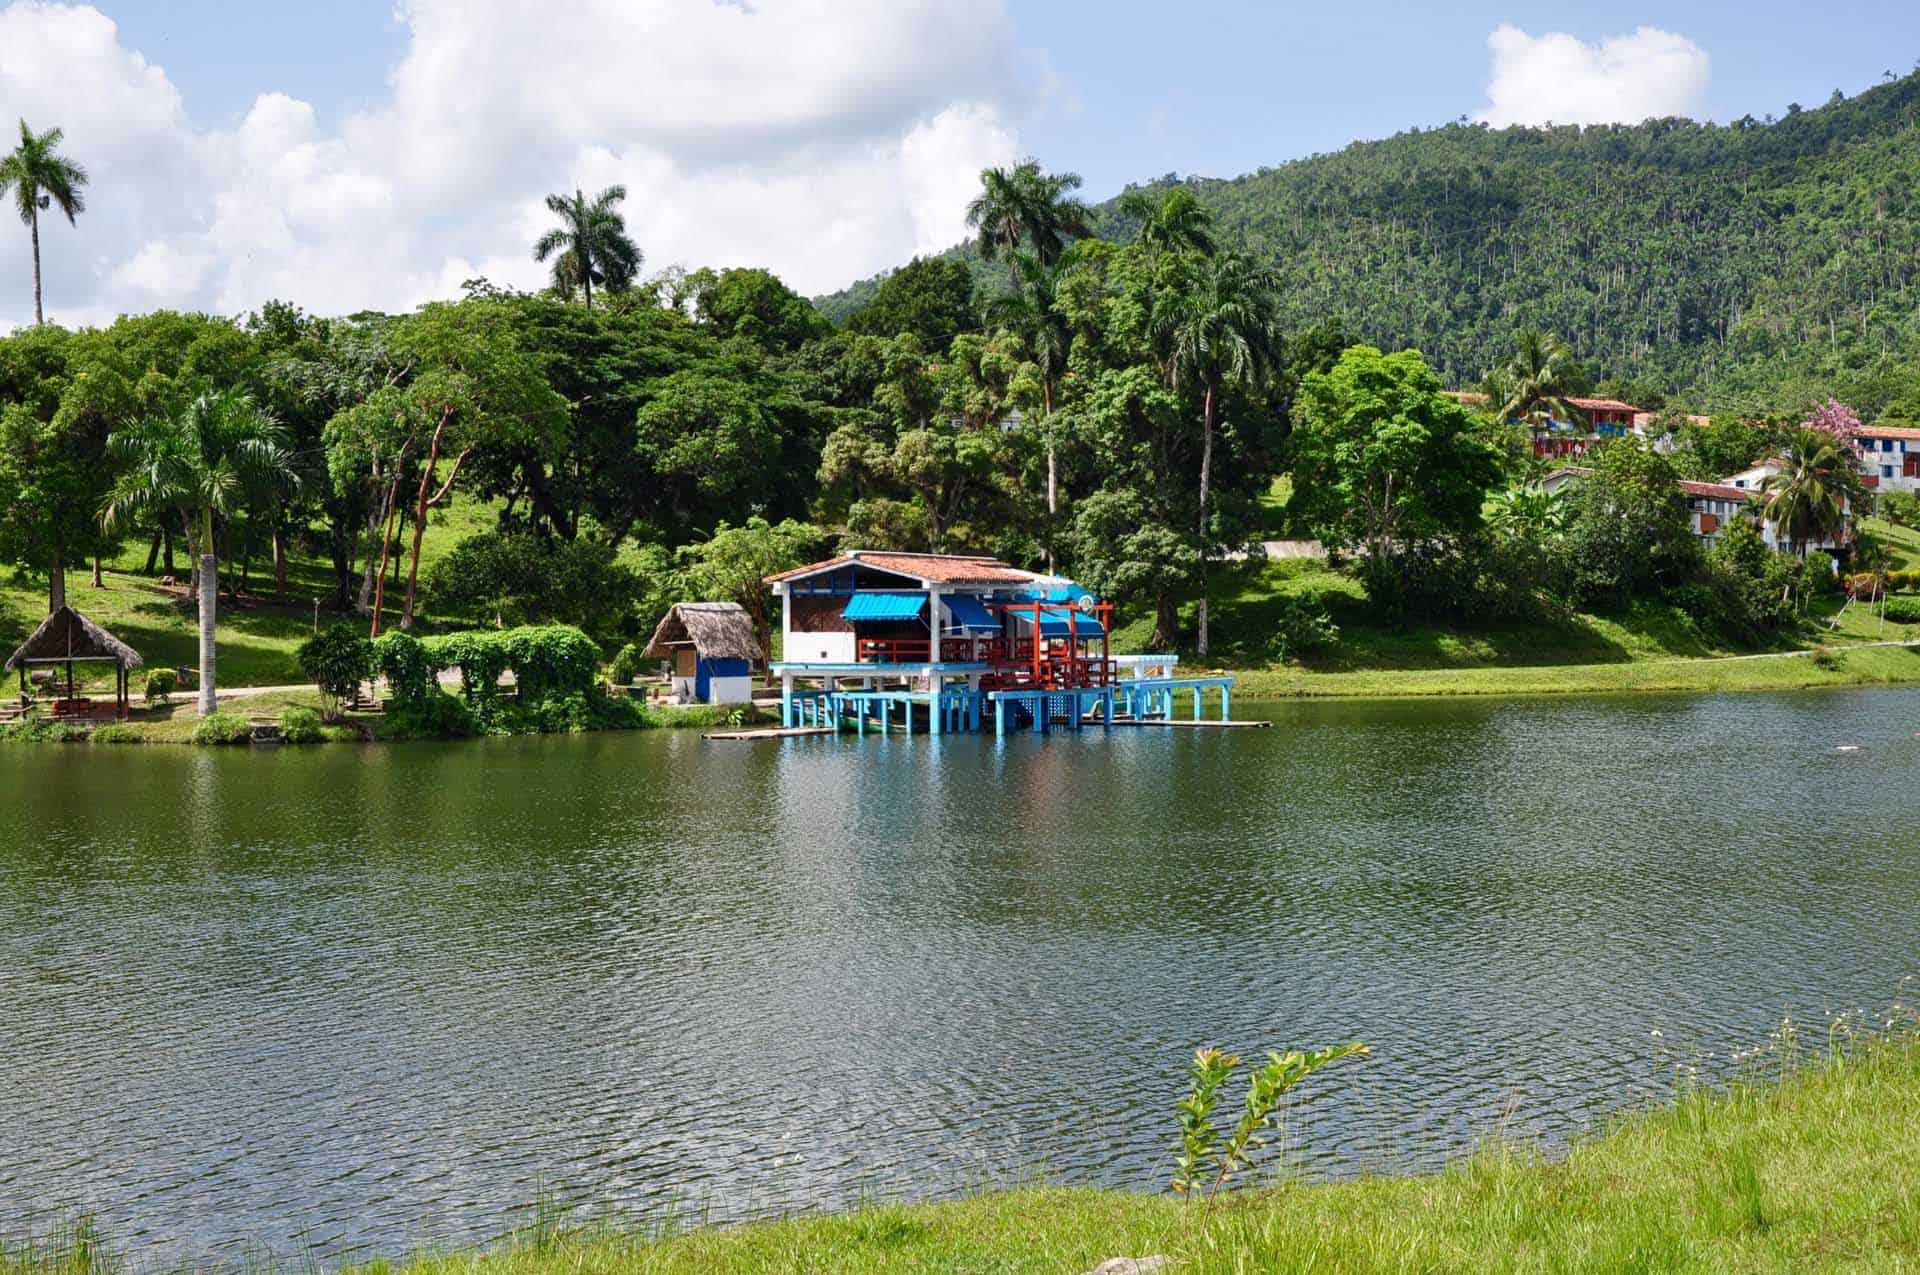 las terrazas paysage communaute lac nature cuba autrement